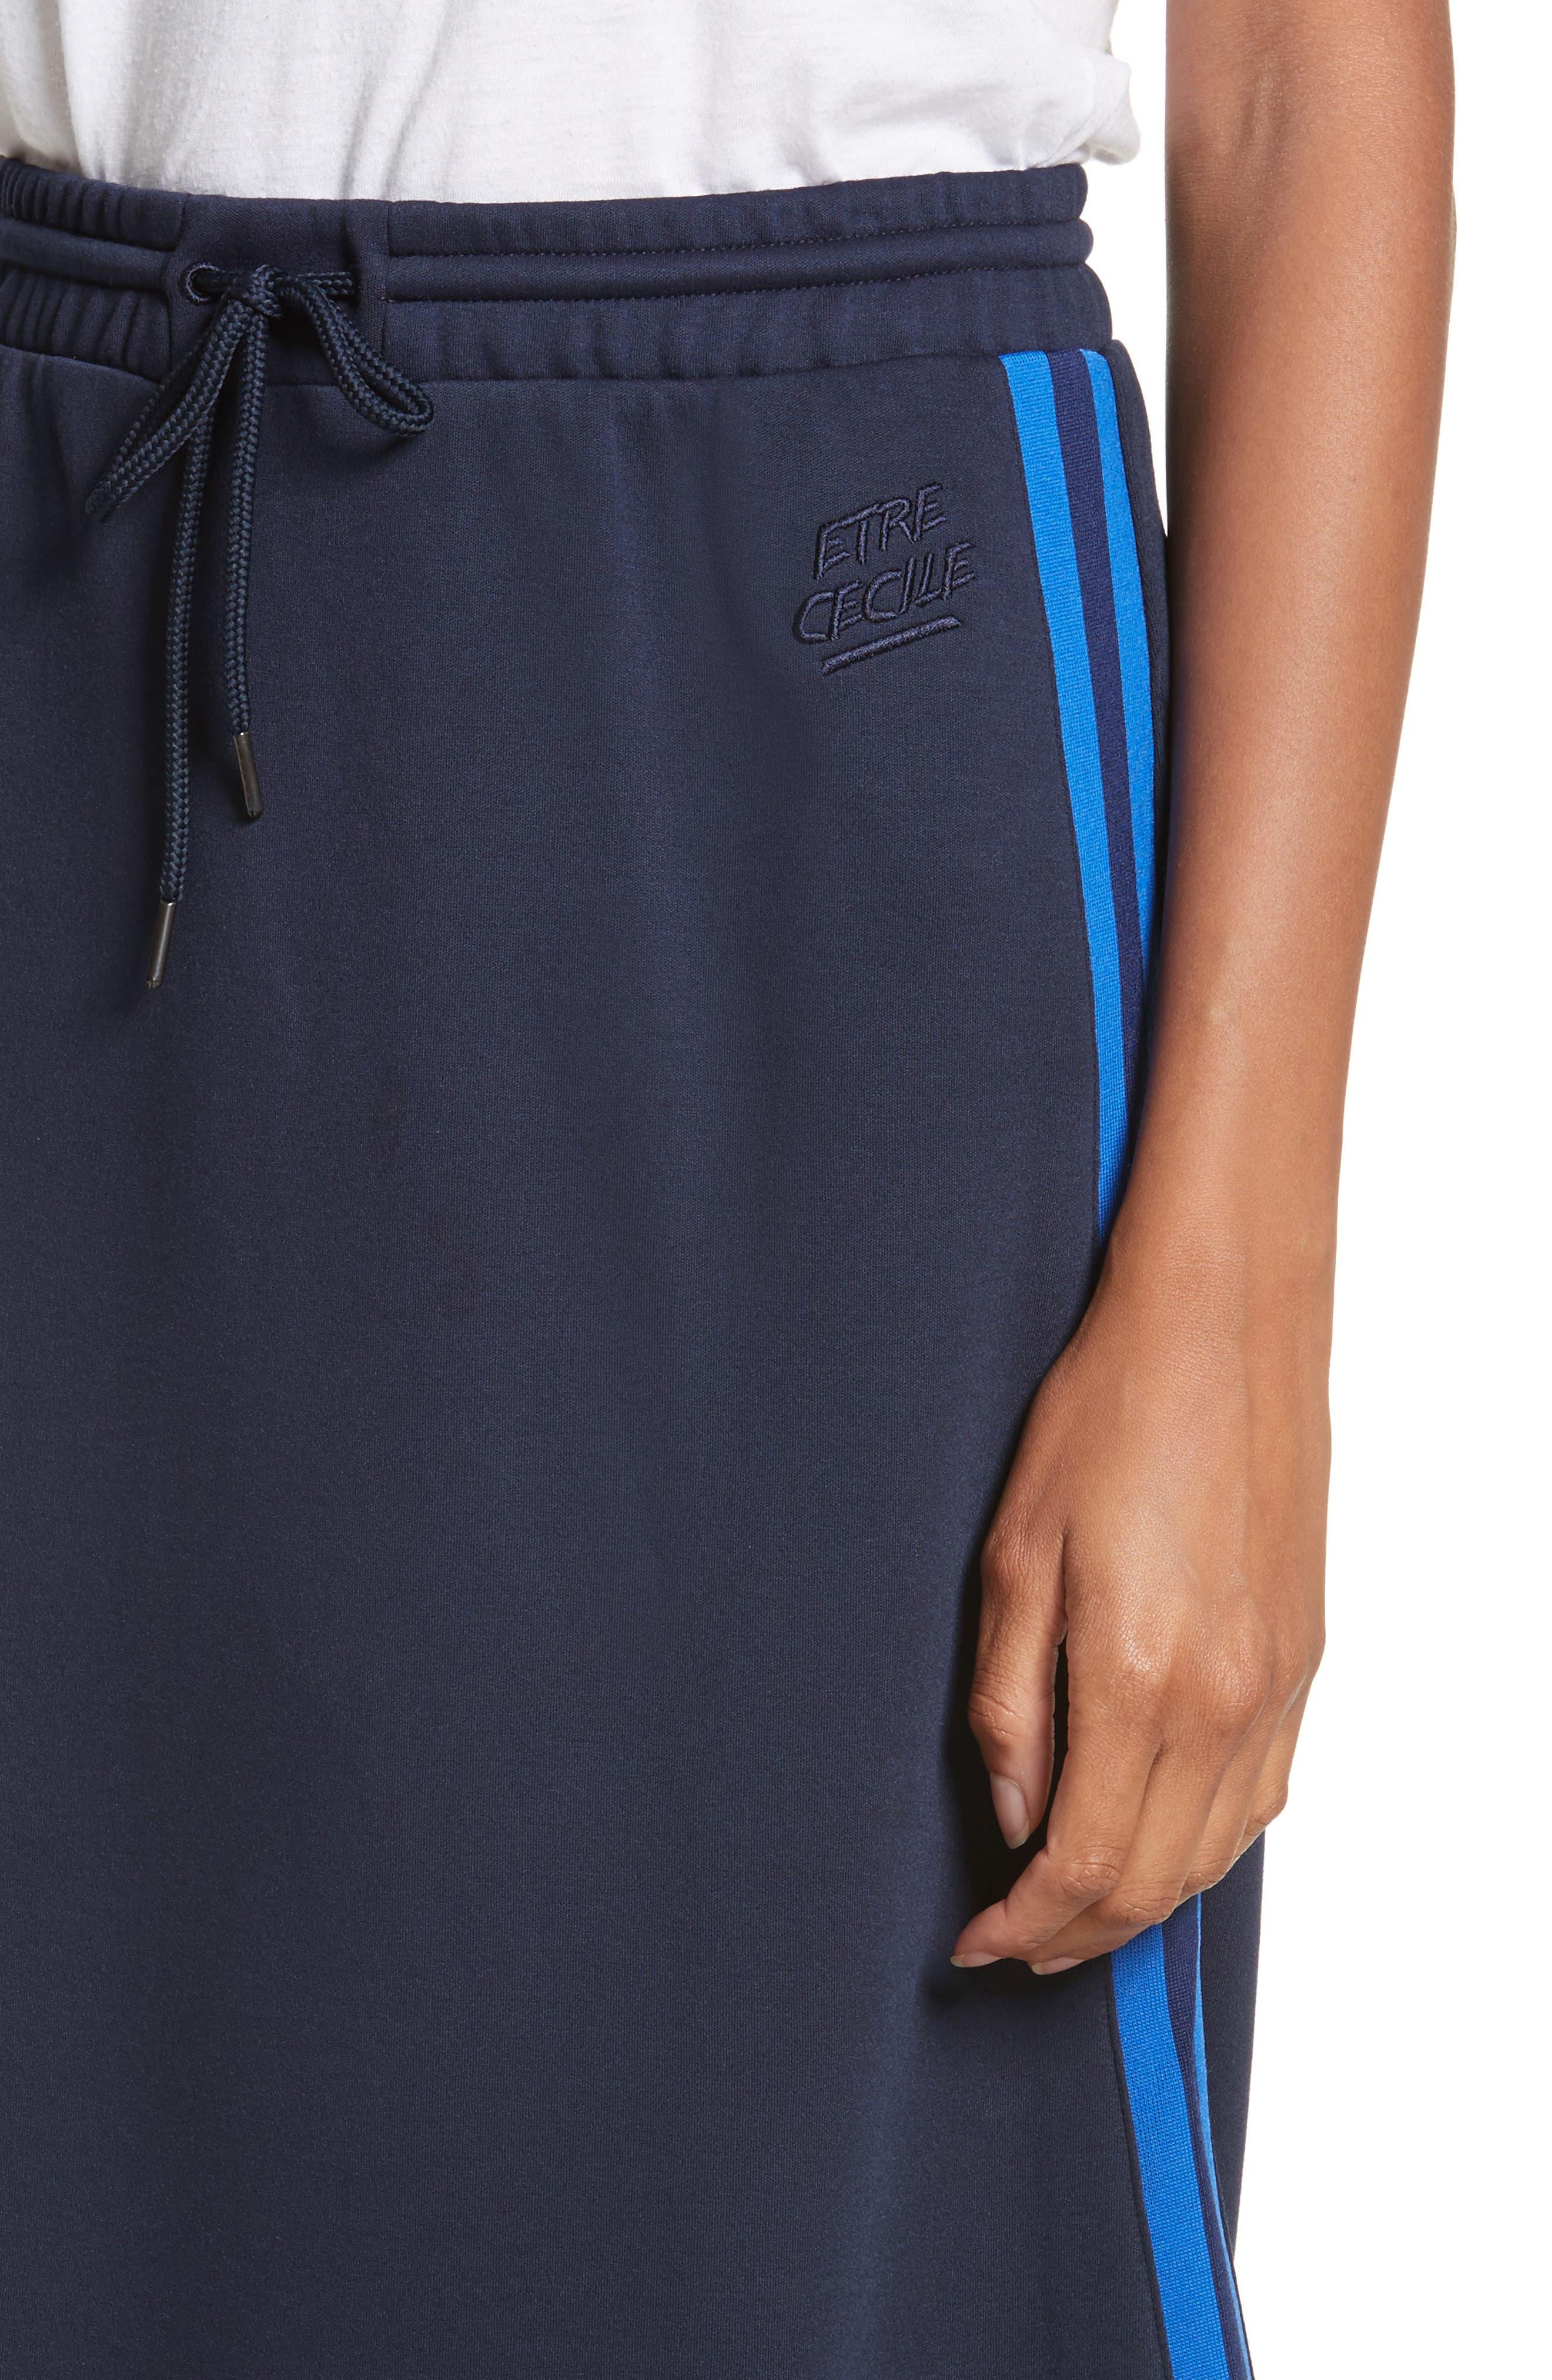 être cécile A-Line Midi Skirt,                             Alternate thumbnail 4, color,                             400